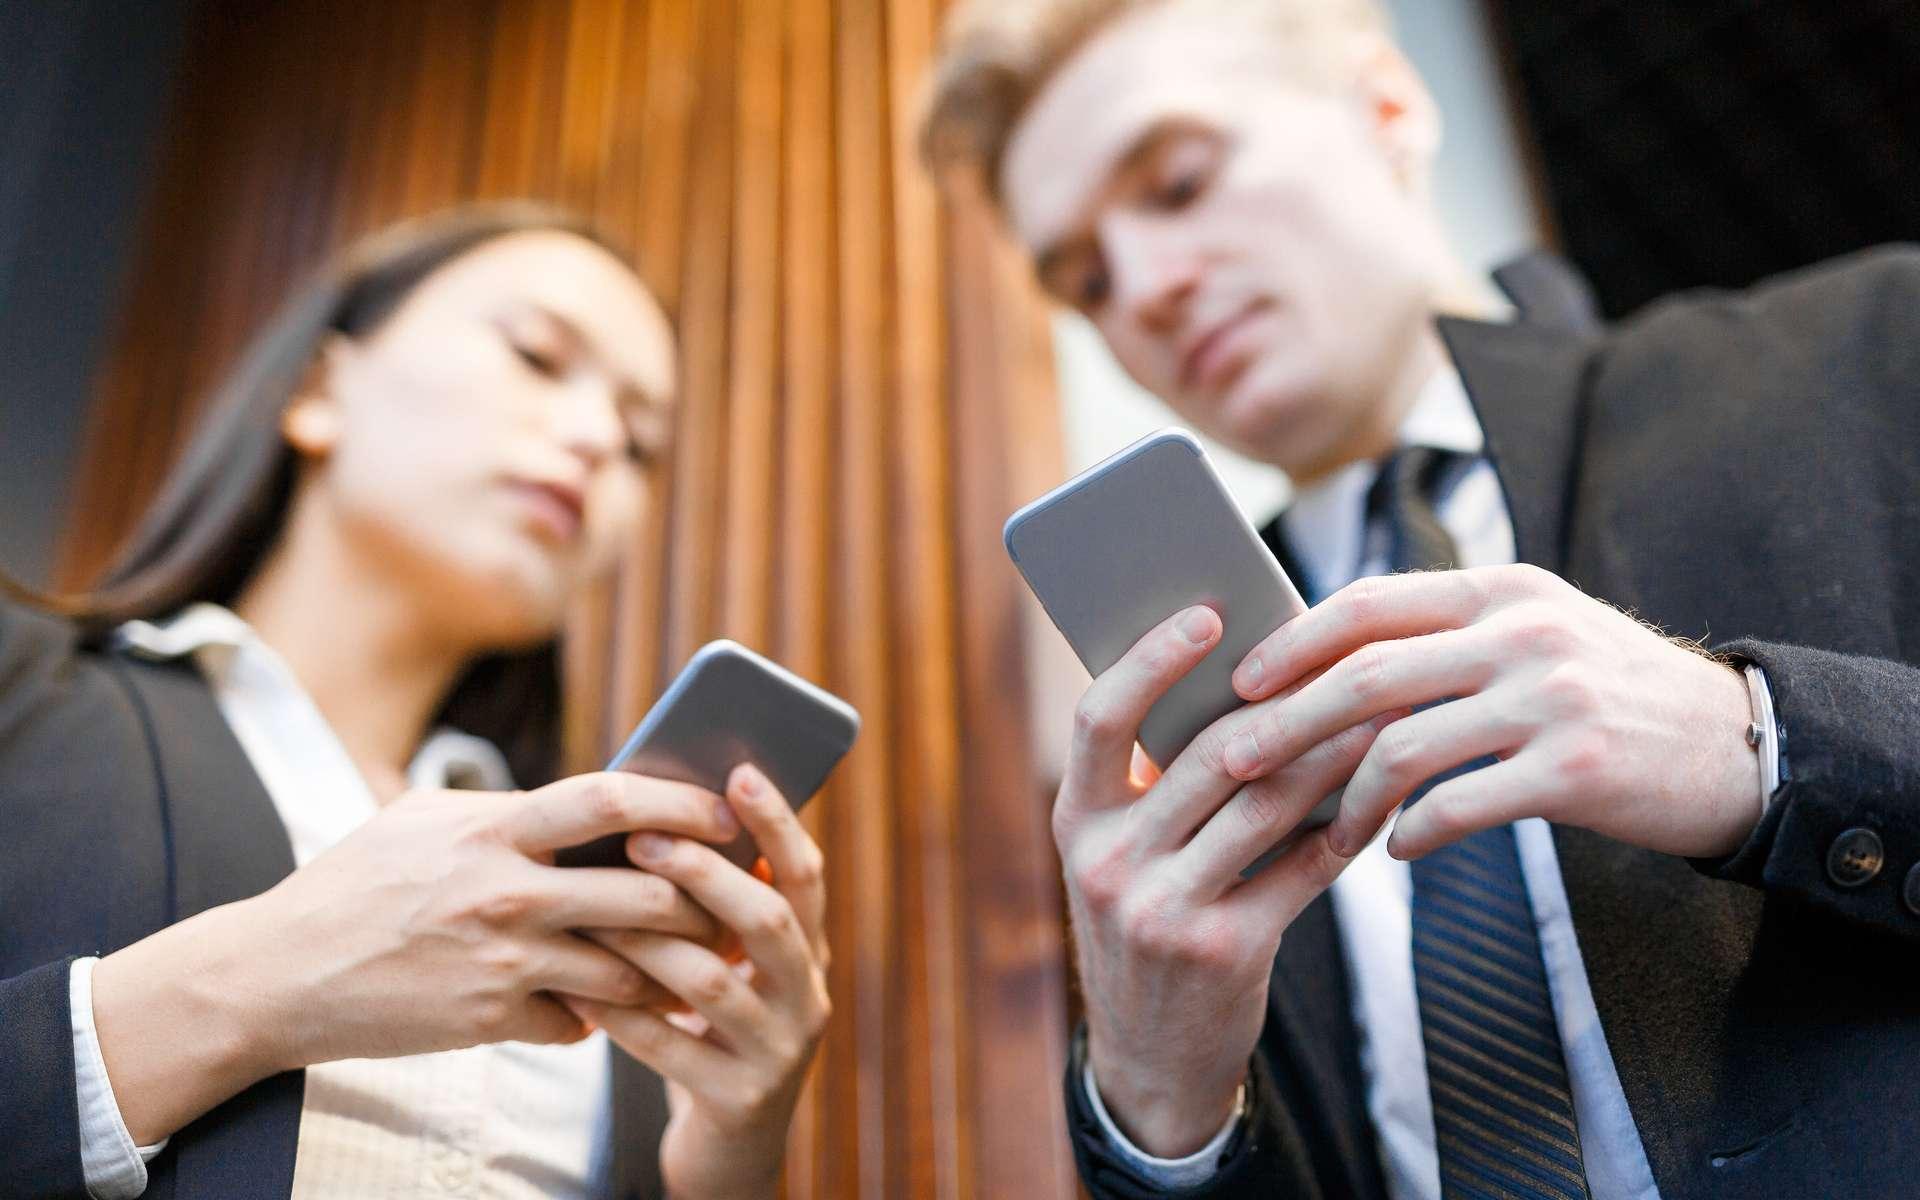 La nomophobie pourrait être à l'origine de comportements dangereux, voire illégaux. © pressmaster, Adobe Stock